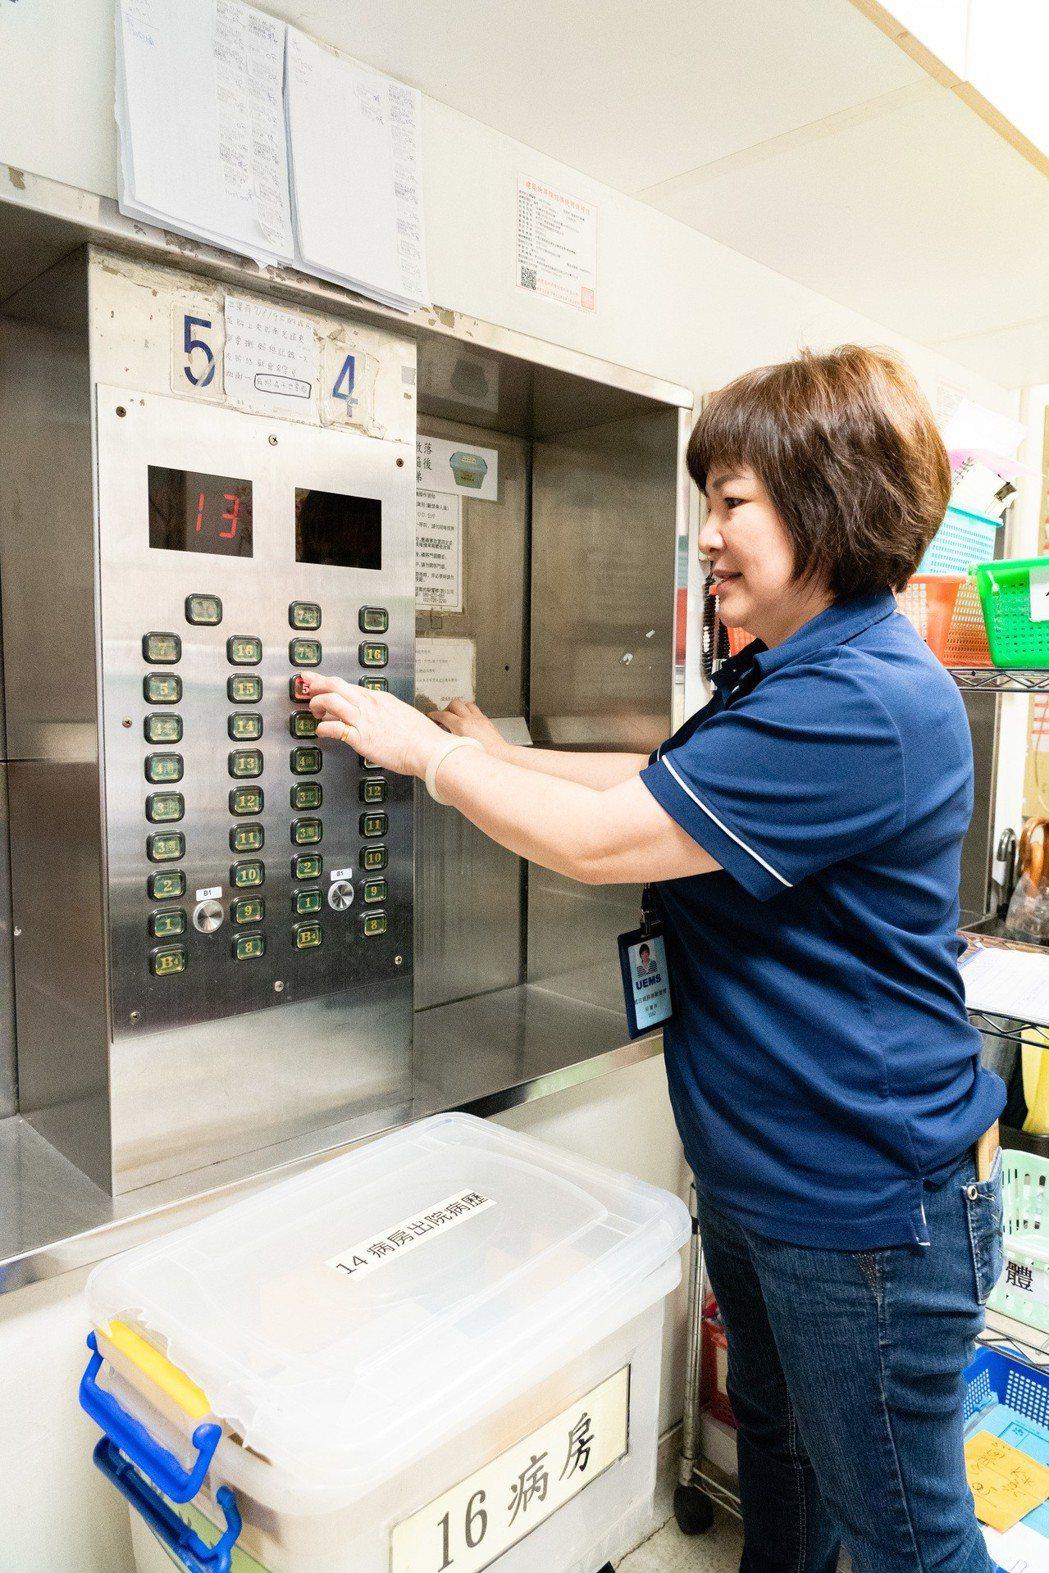 傳送中心裡的小電梯(Dumb Waiter)是恩主公醫院樓層間物件傳遞的樞紐。威...